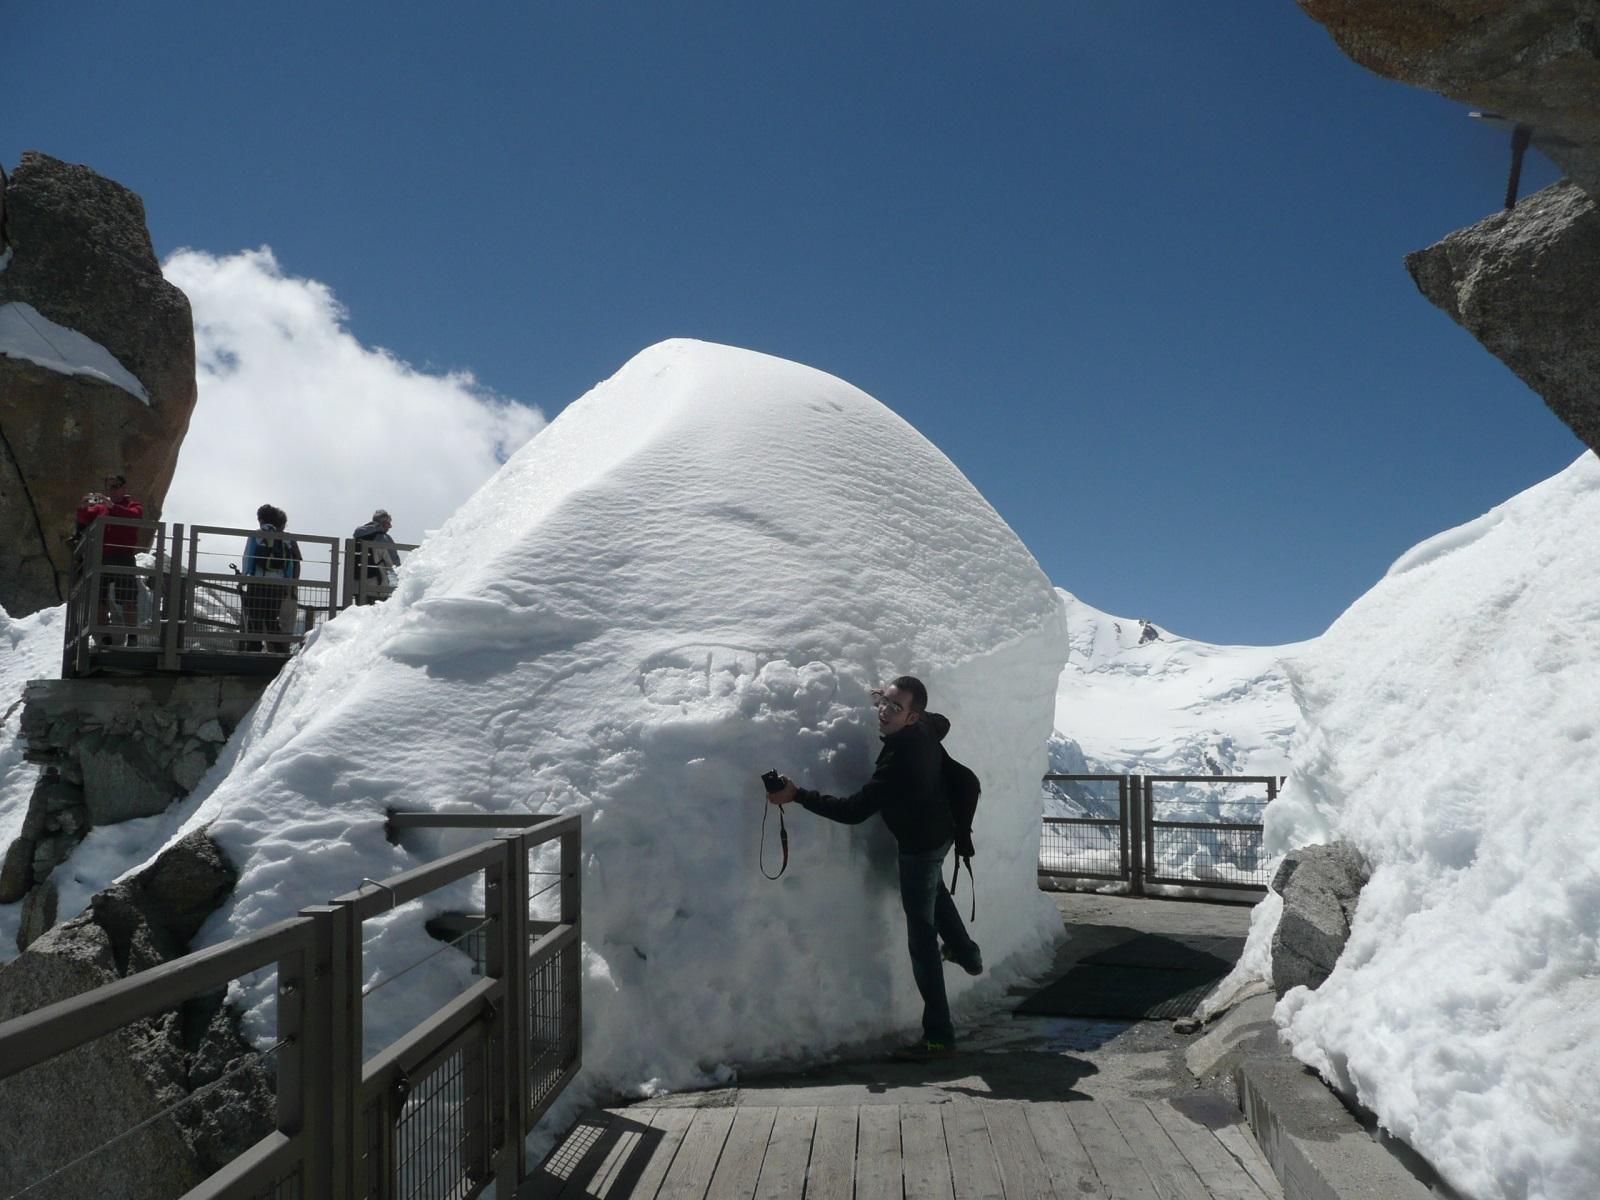 arriba te puedes encontrar con montañas de nieve